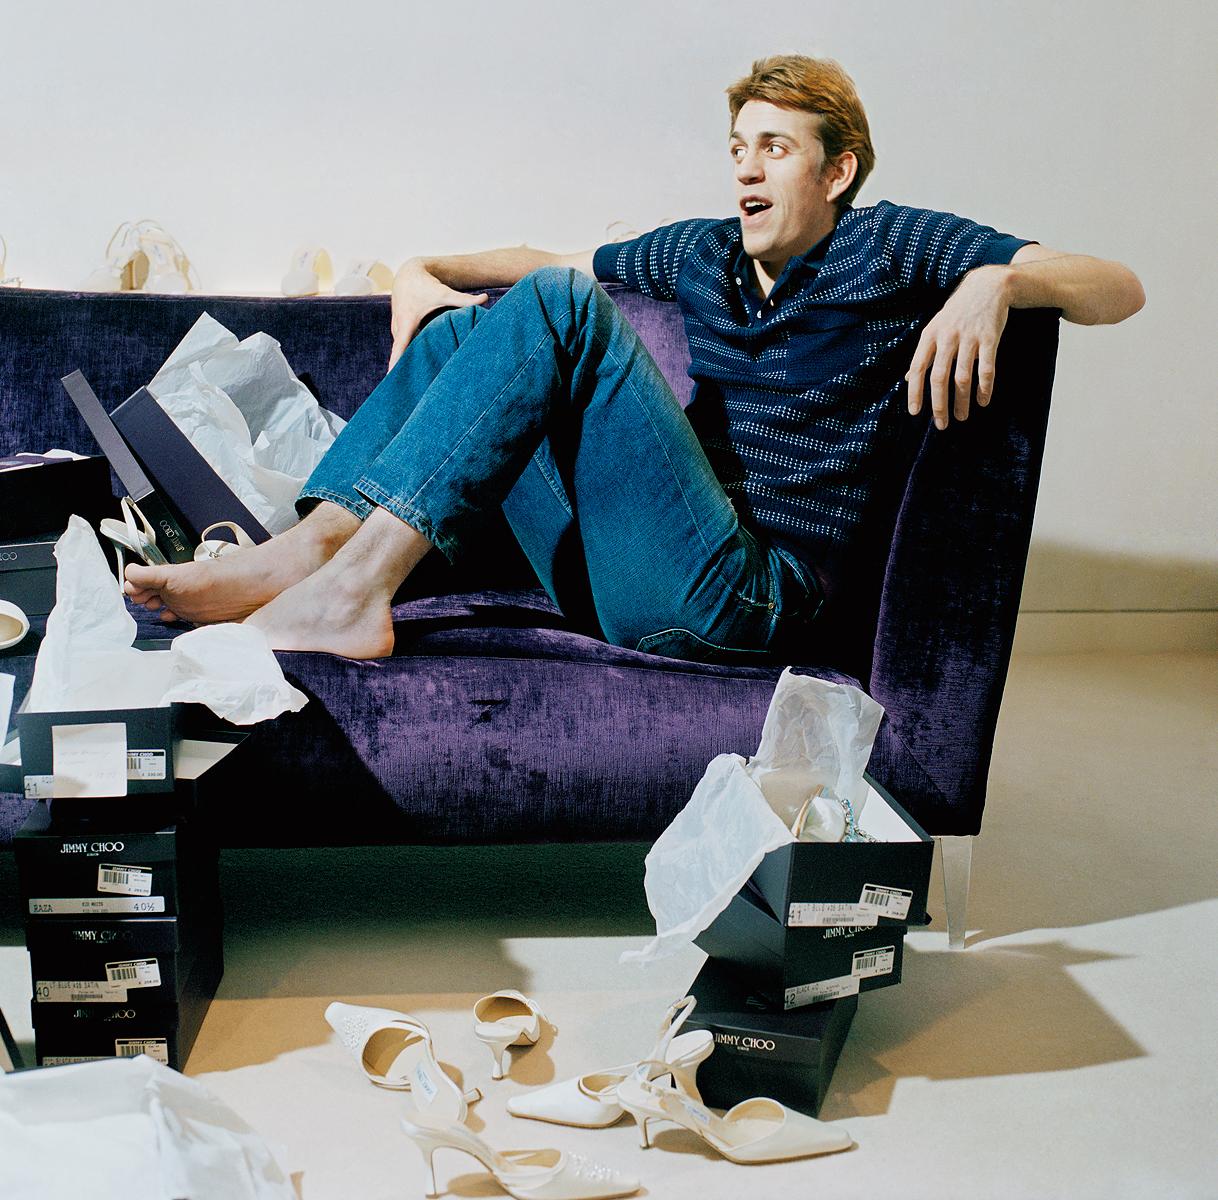 Ben Elliot, Entrepreneur   |   GQ